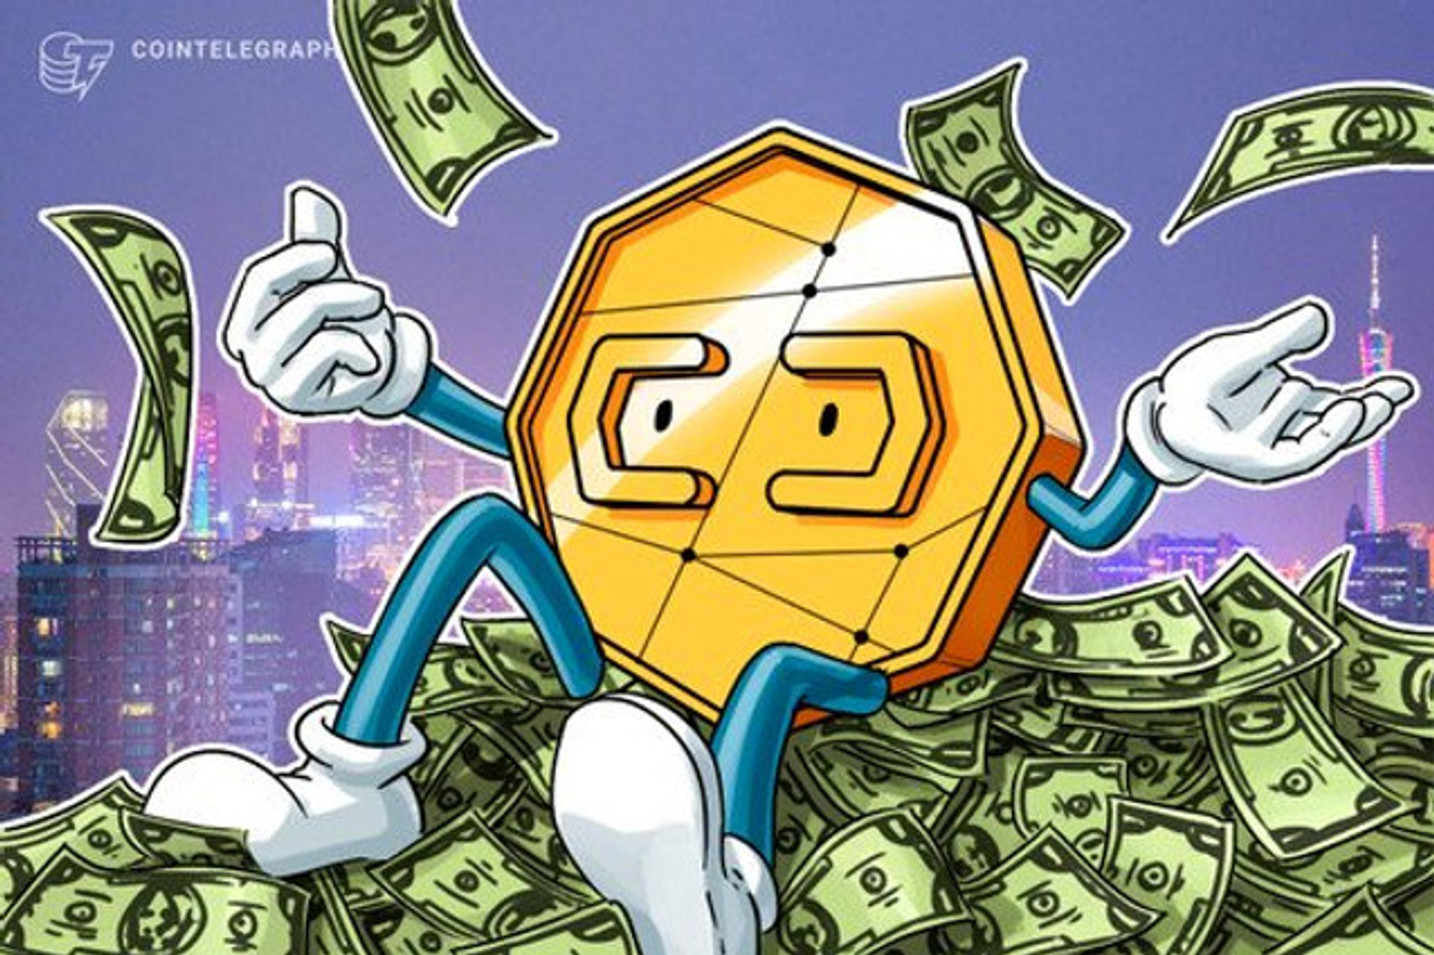 Plataforma de ahorro y crédito en criptomonedas anuncia ronda de financiación por USD 2.7 millones